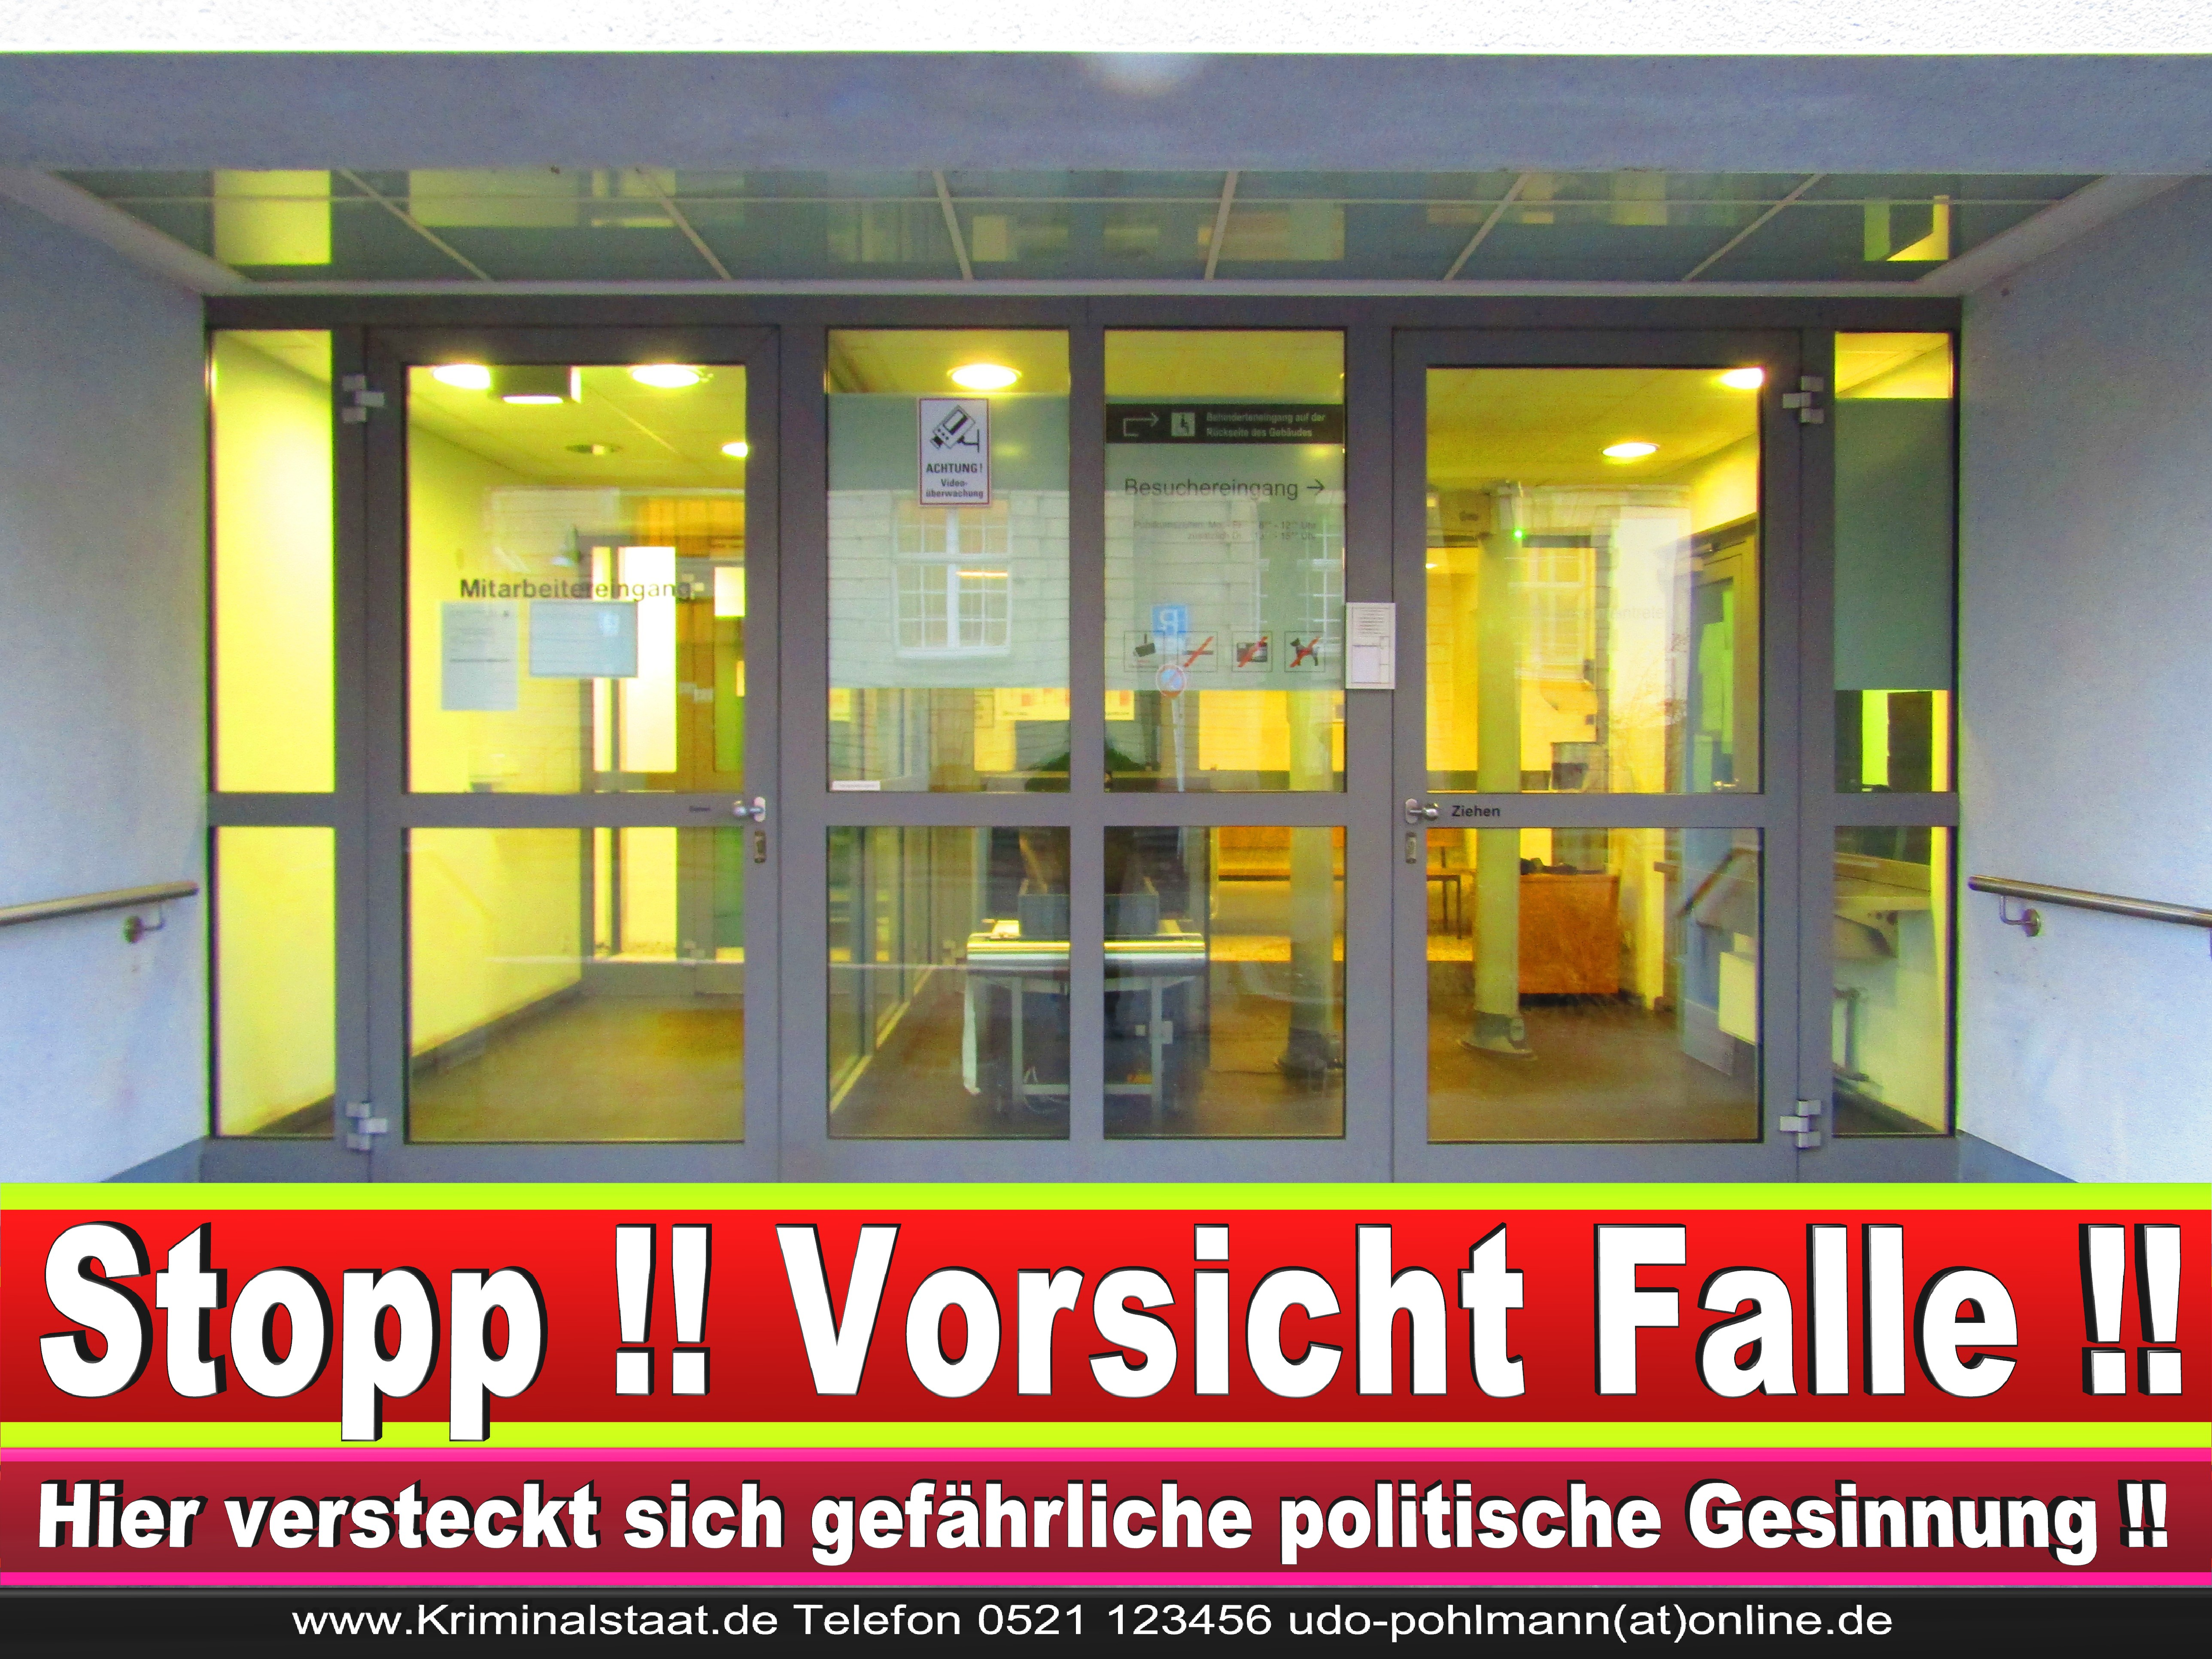 AMTSGERICHT DORTMUND RICHTER AUSBILDUNG PRAKTIKUM ANFAHRT URTEILE KORRUPTION POLIZEI ADRESSE DIREKTOR (10) 2